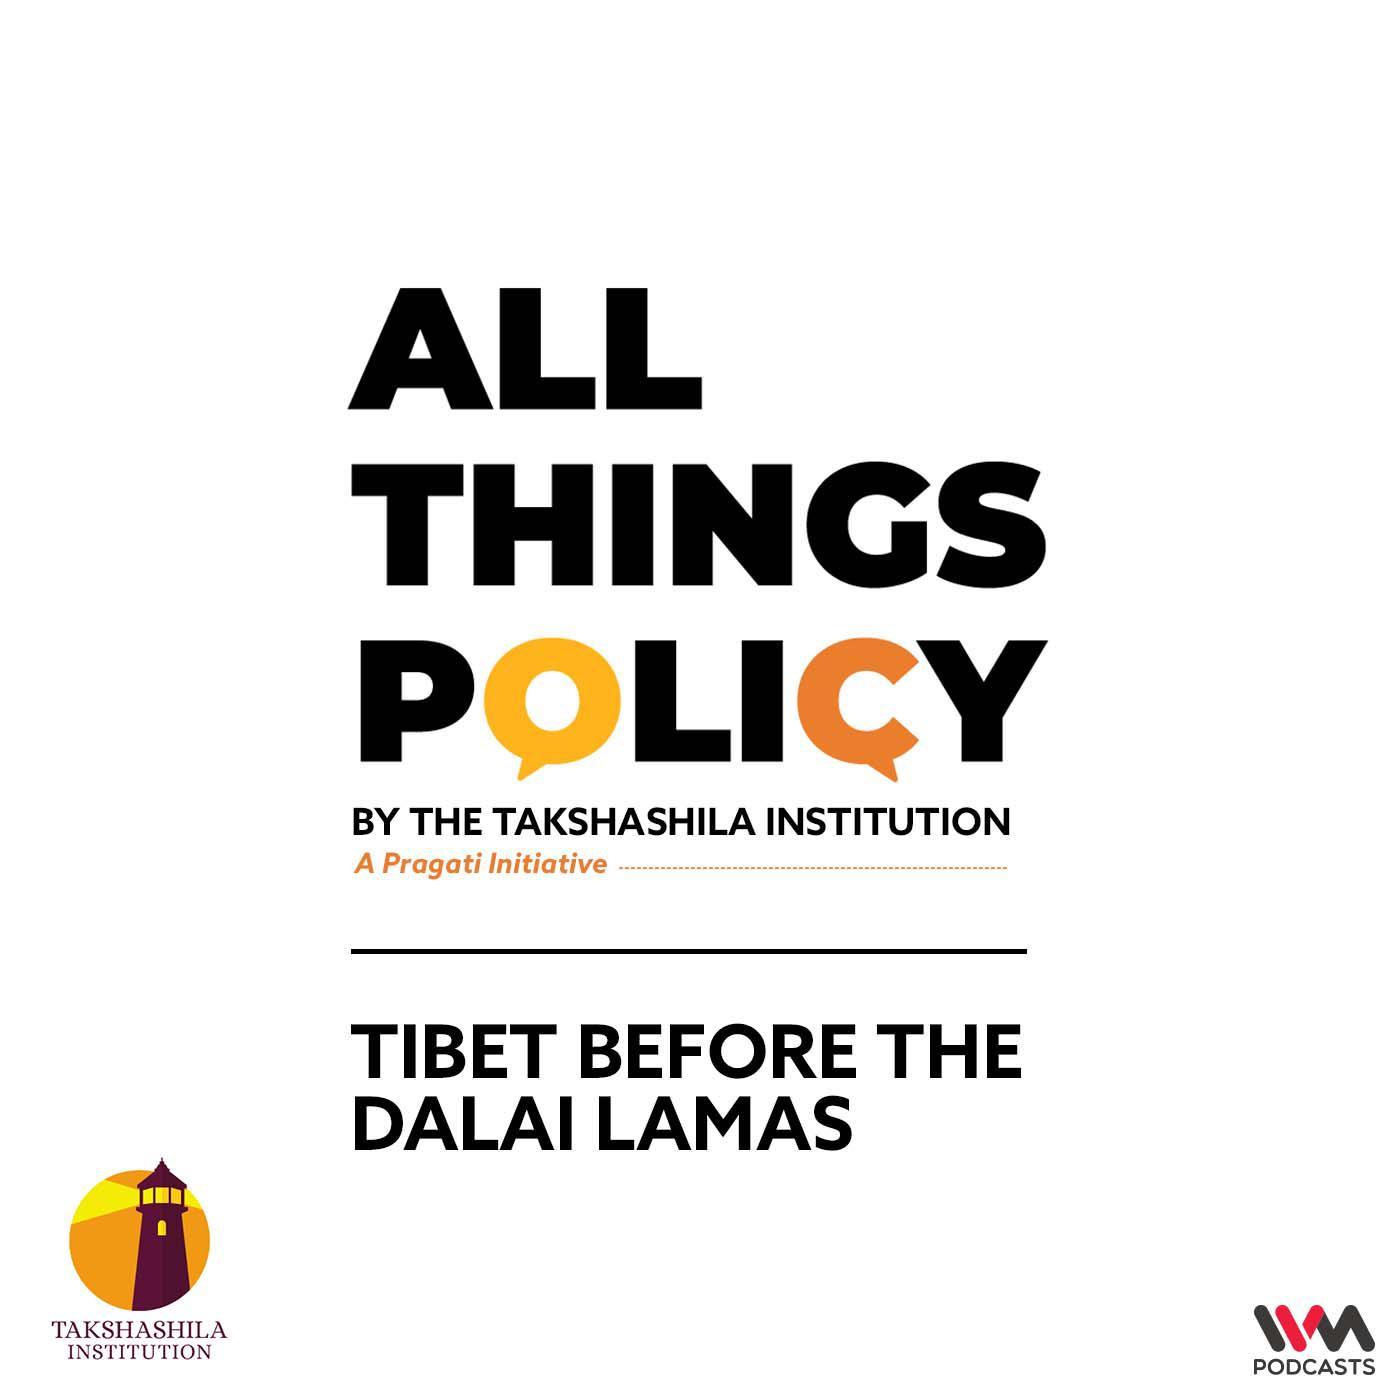 Tibet Before the Dalai Lamas